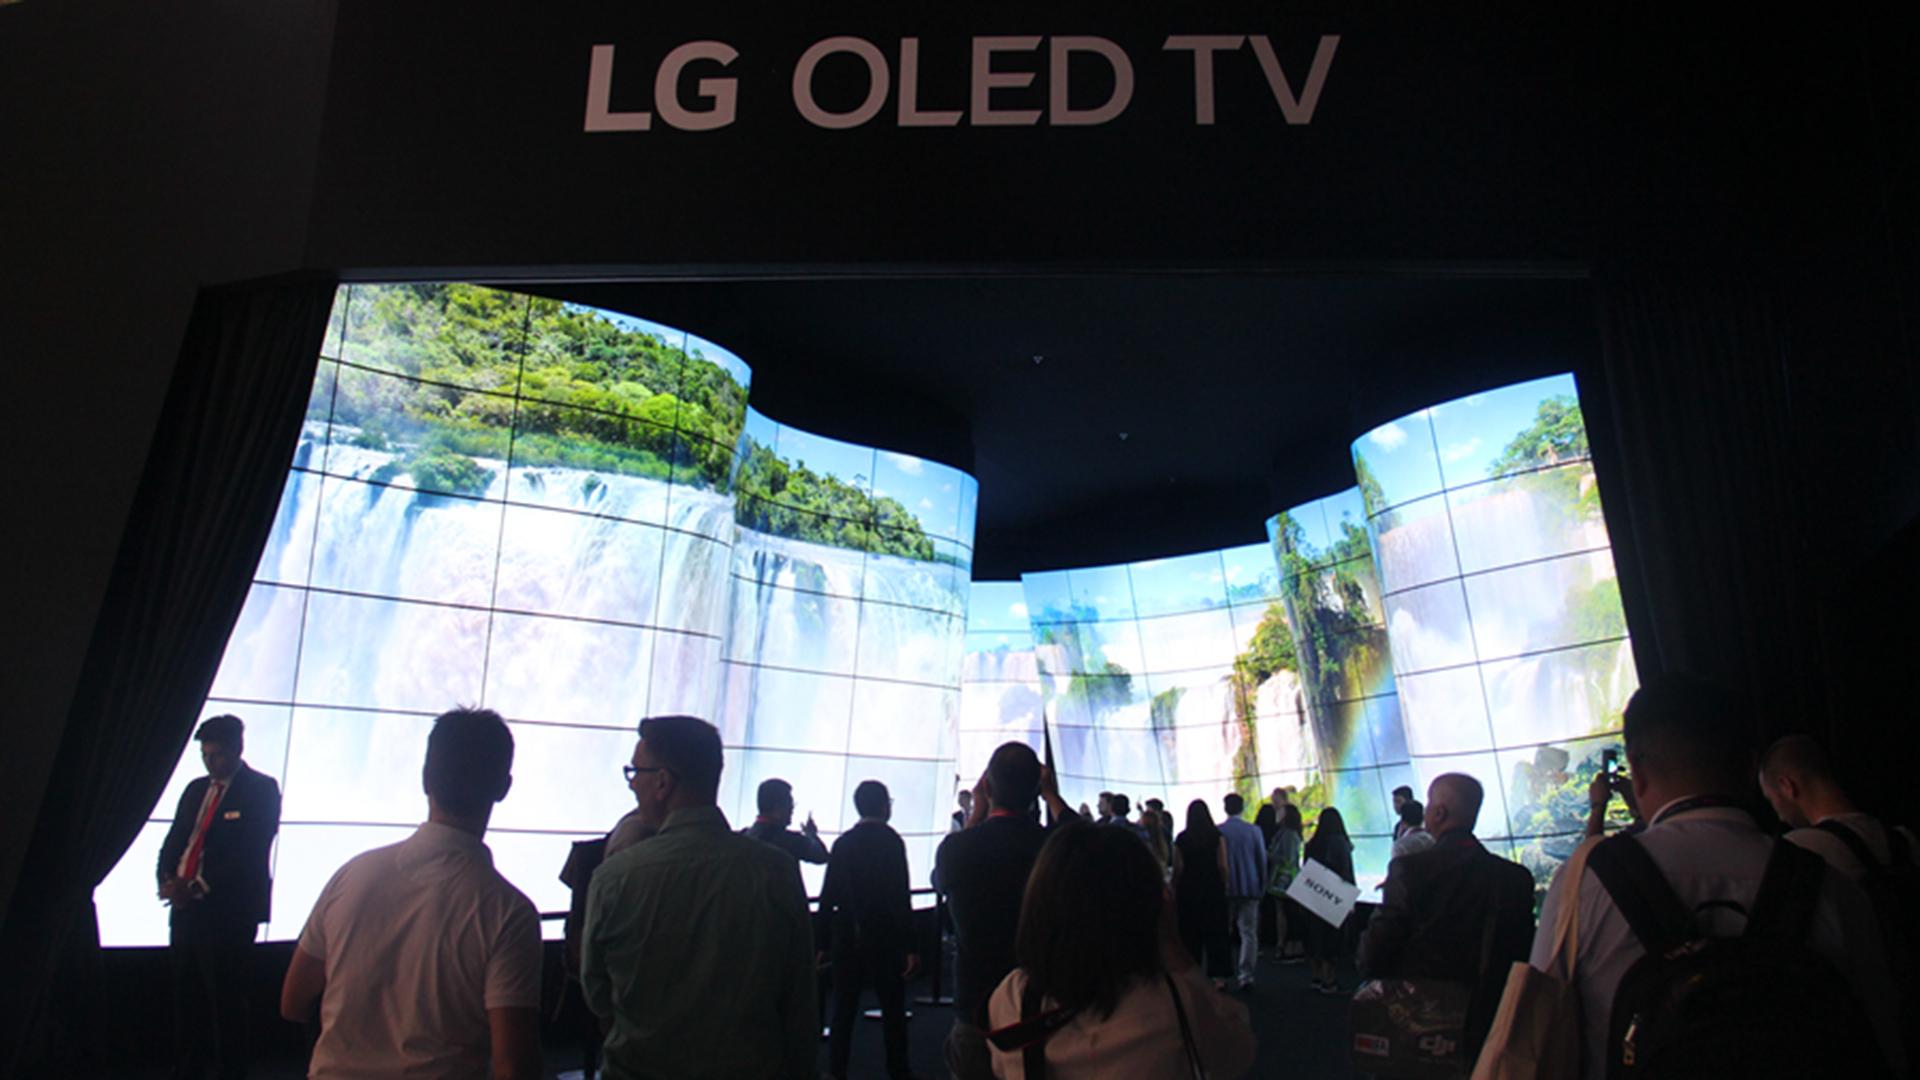 来自LG Digital展区的超大OLED带鱼屏